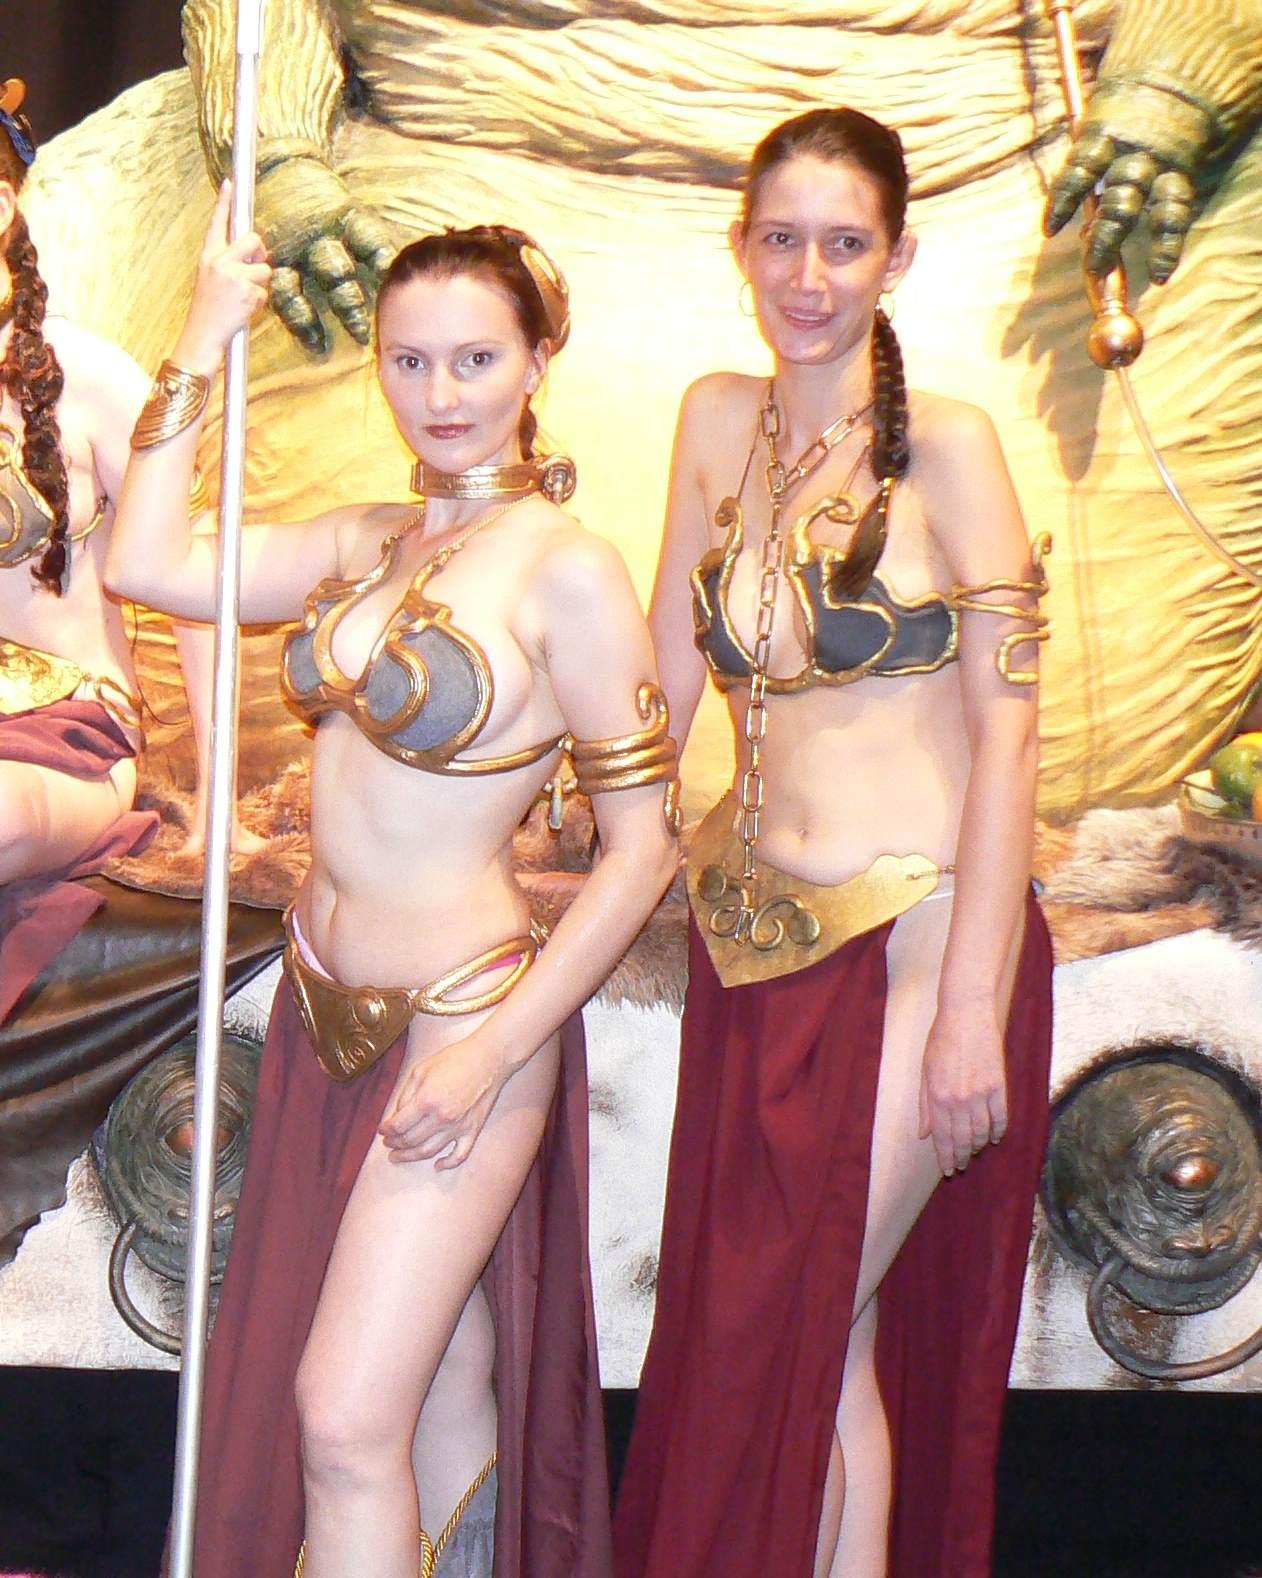 Leia slave_08